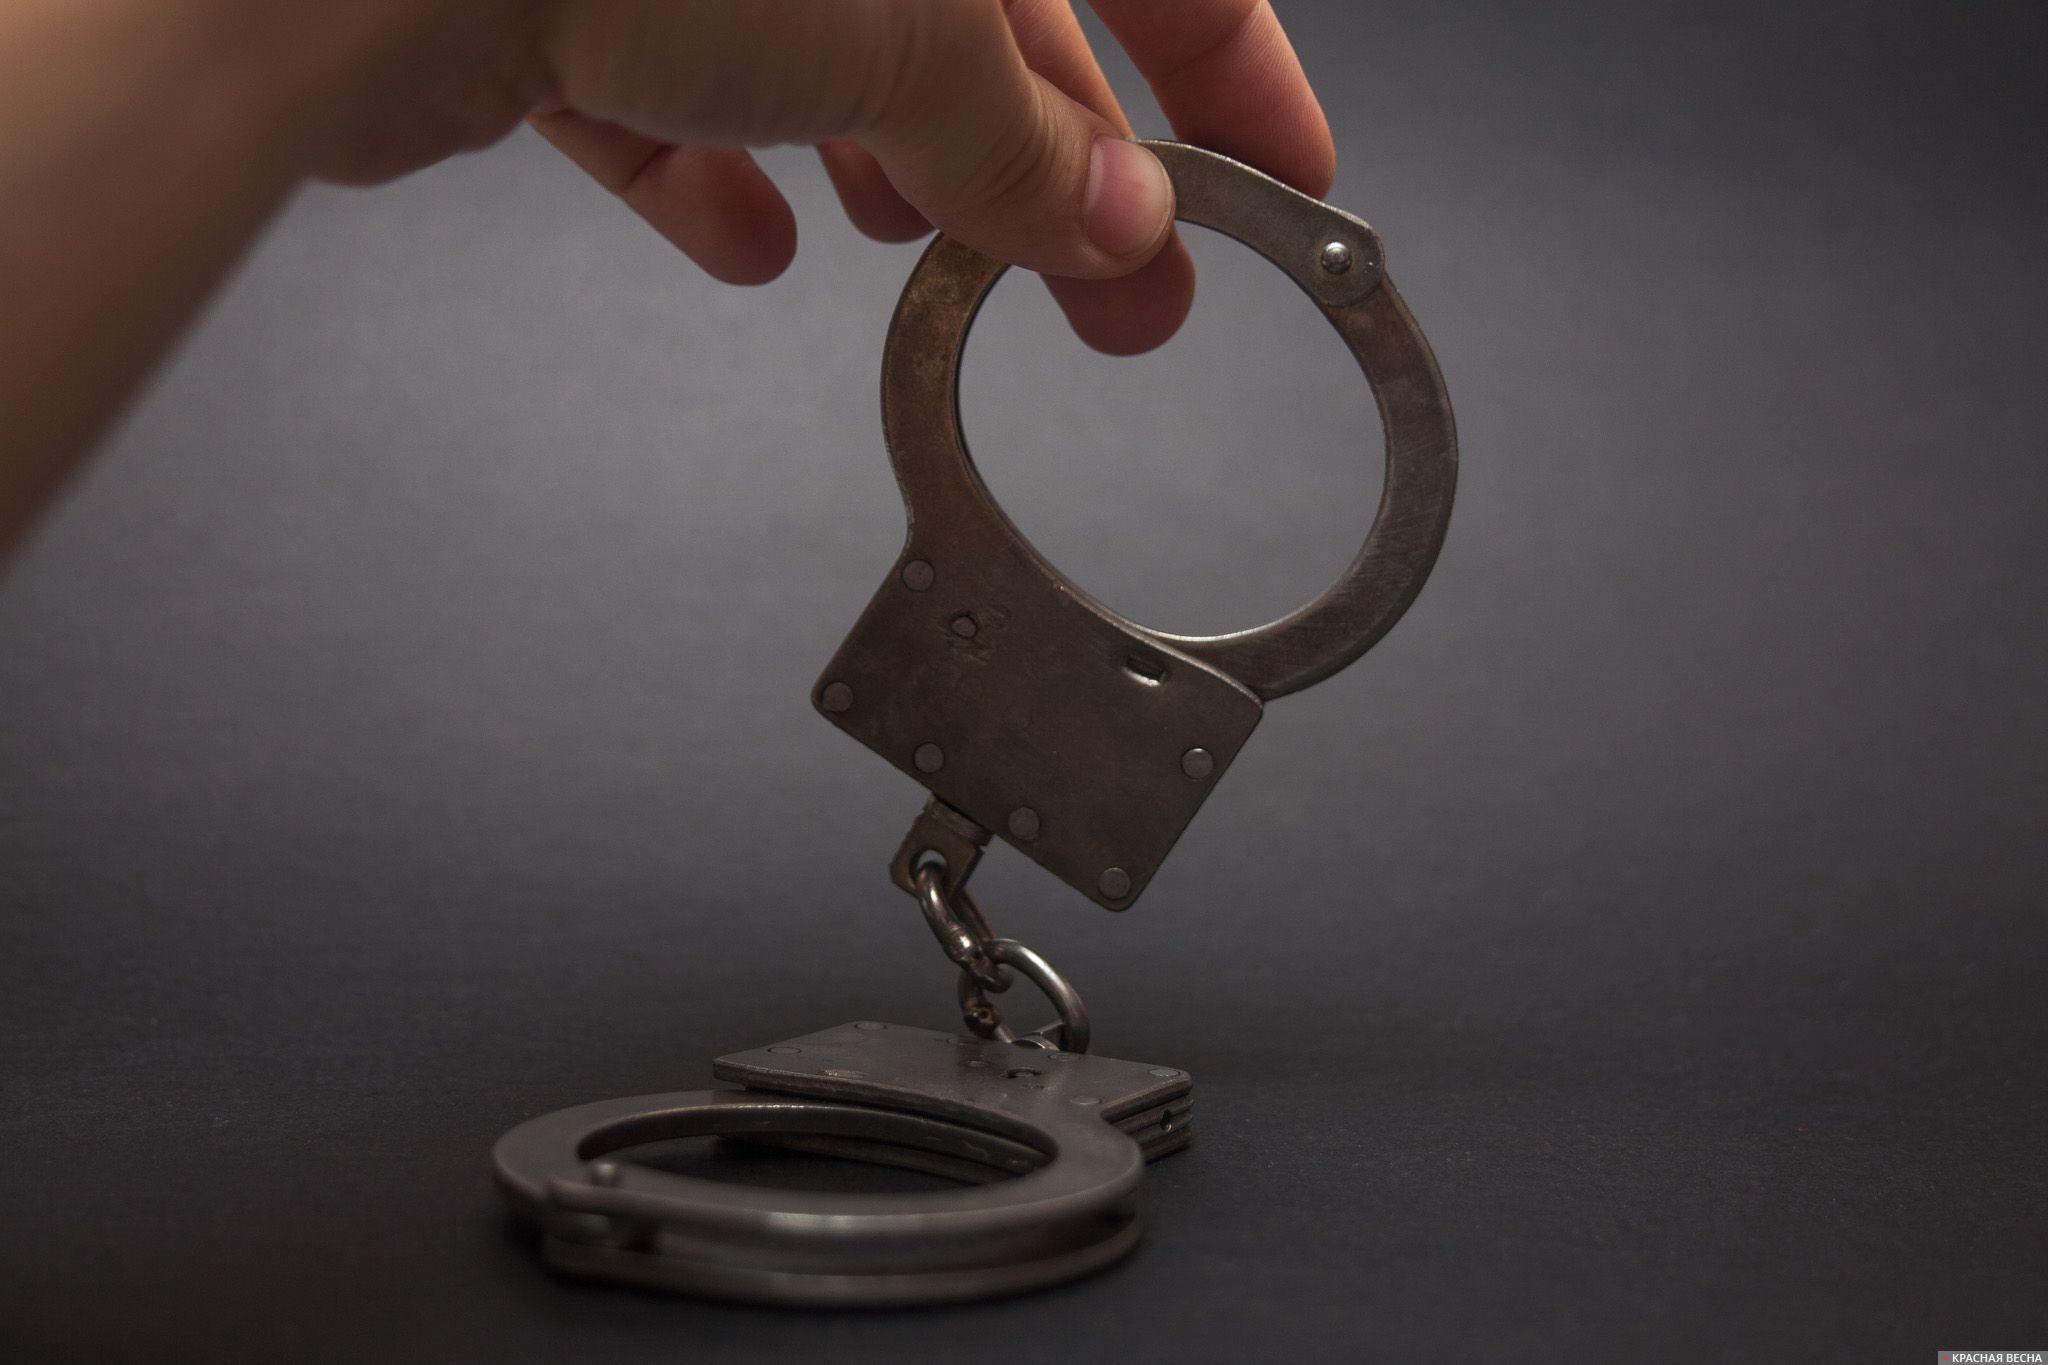 ВПетербурге суд арестовал следователя поподозрению вполучении взятки